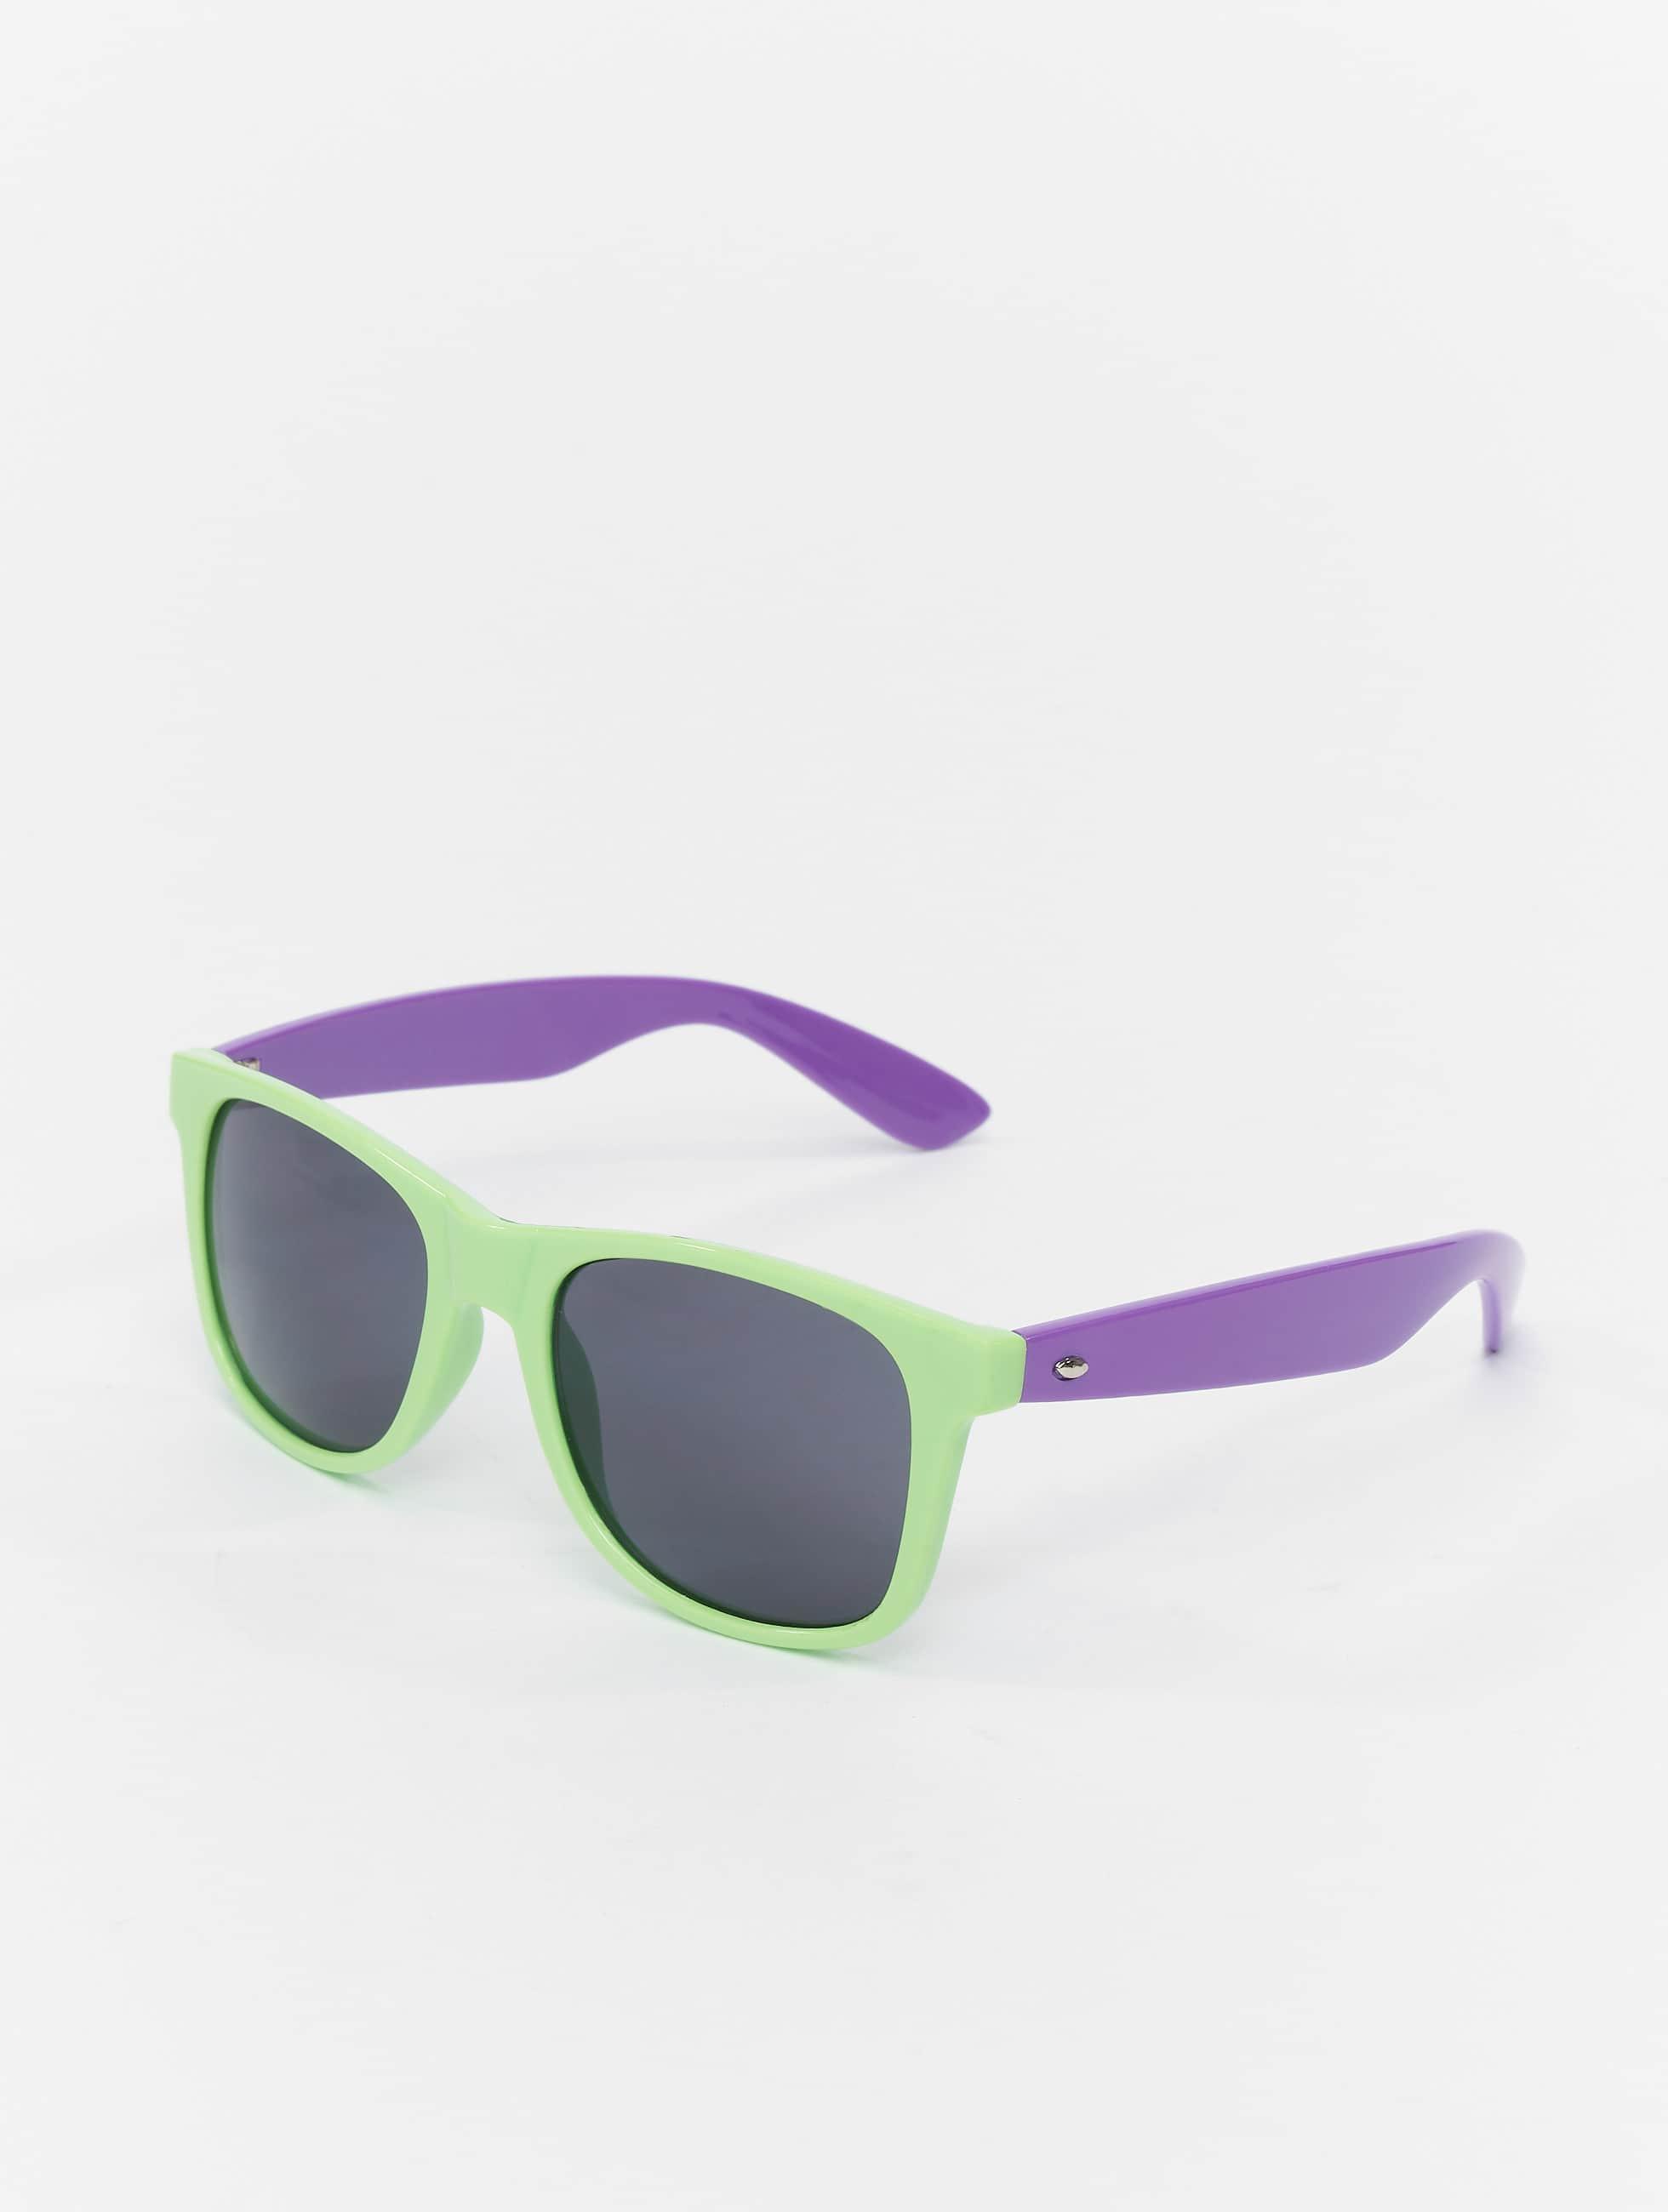 MSTRDS Männer,Frauen Sonnenbrille Groove Shades GStwo in grün